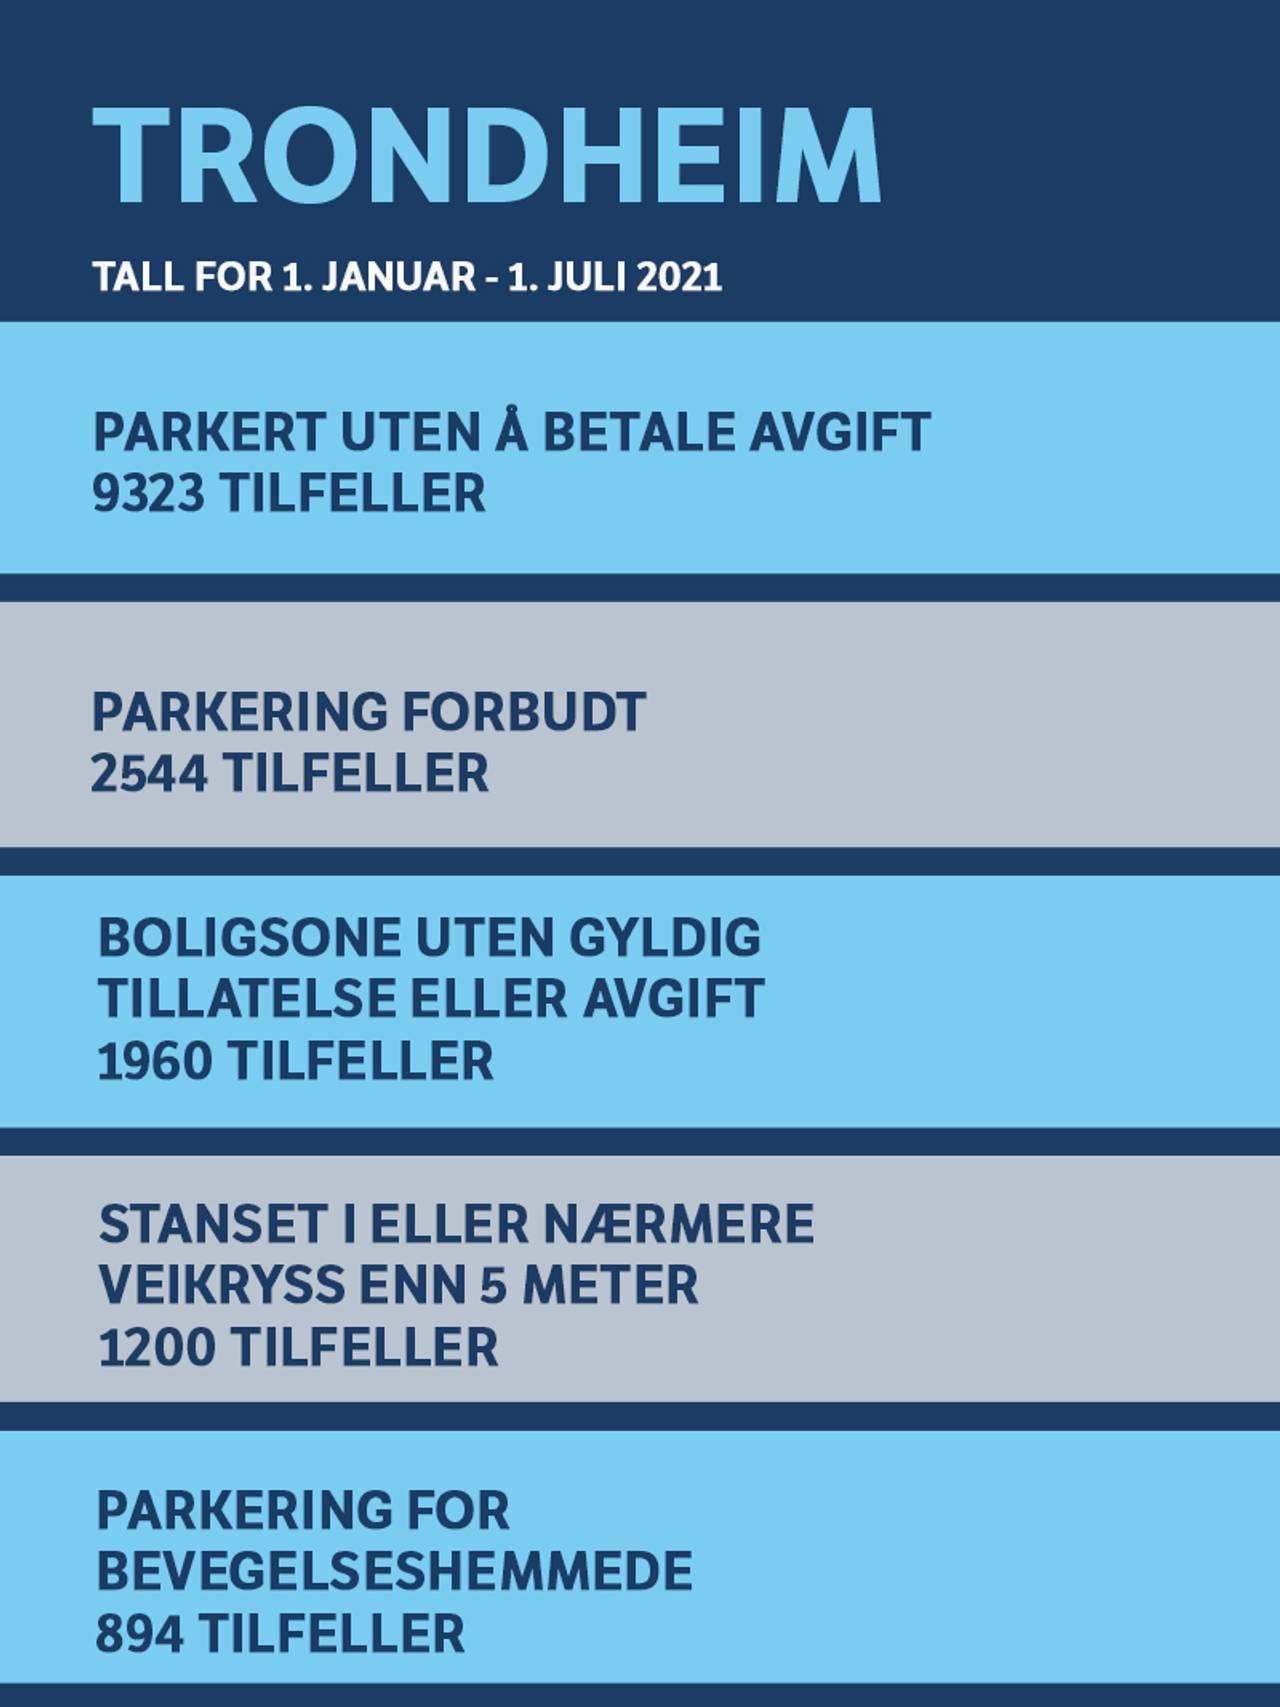 Topp fem parkeringsfeil i Trondheim- Tall fra 1. januar til 1. juli 2021 1. Parkert uten å betale avgift (9323) 2. Parkering forbudt (2 544) 3. Boligsone uten gyldig p-tillatelse eller avgift (1 960) 4. Stanset i veikryss eller nærmere veikryss enn 5 m (1200) 5. Parkering for bevegelsehemmede (894)